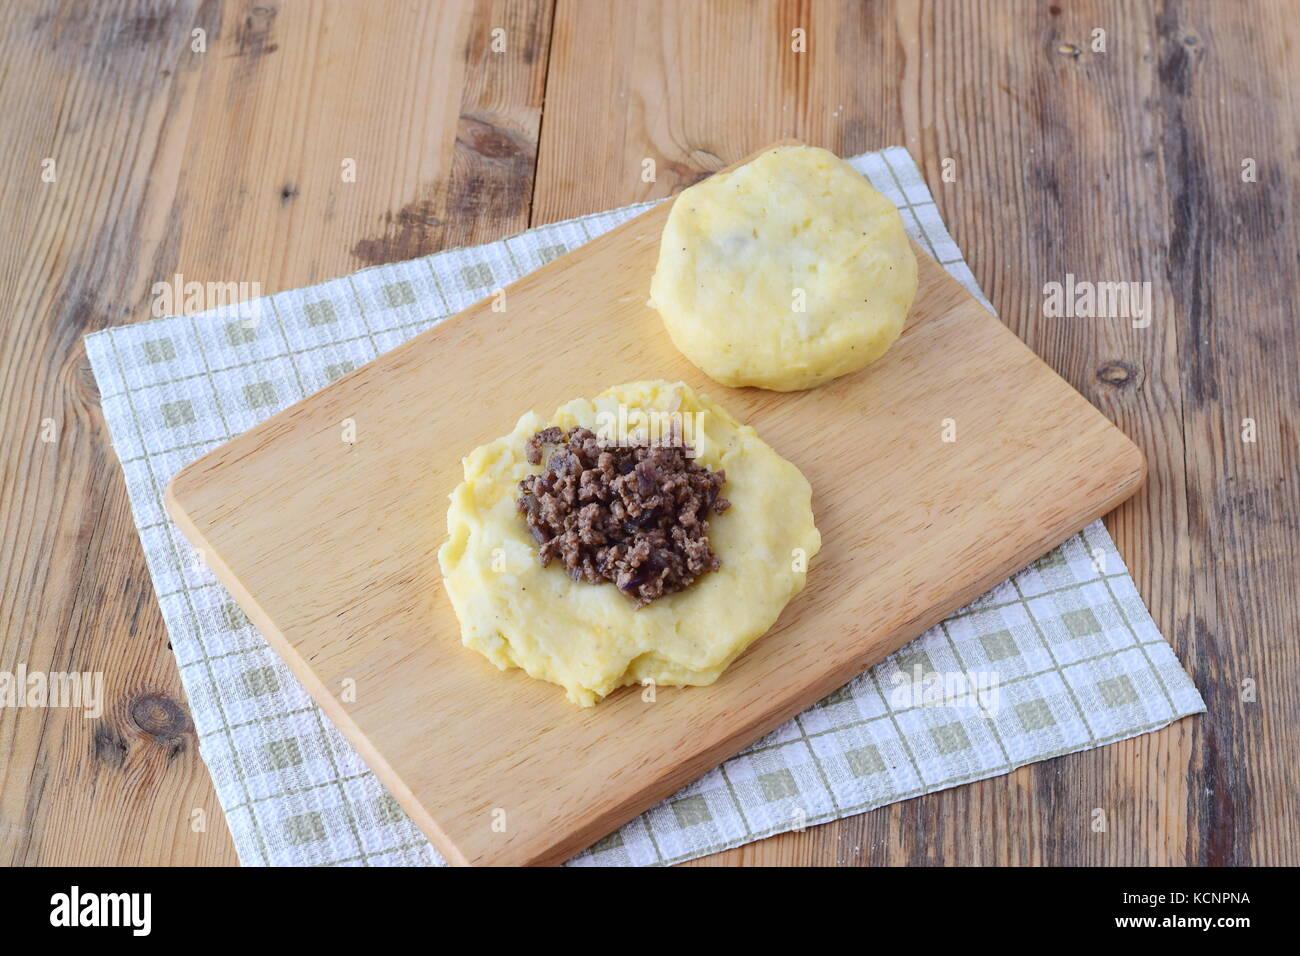 Gli gnocchi di patate ripiene di carne macinata su un tagliere di legno. passo dopo passo la cottura. Il mangiare Immagini Stock